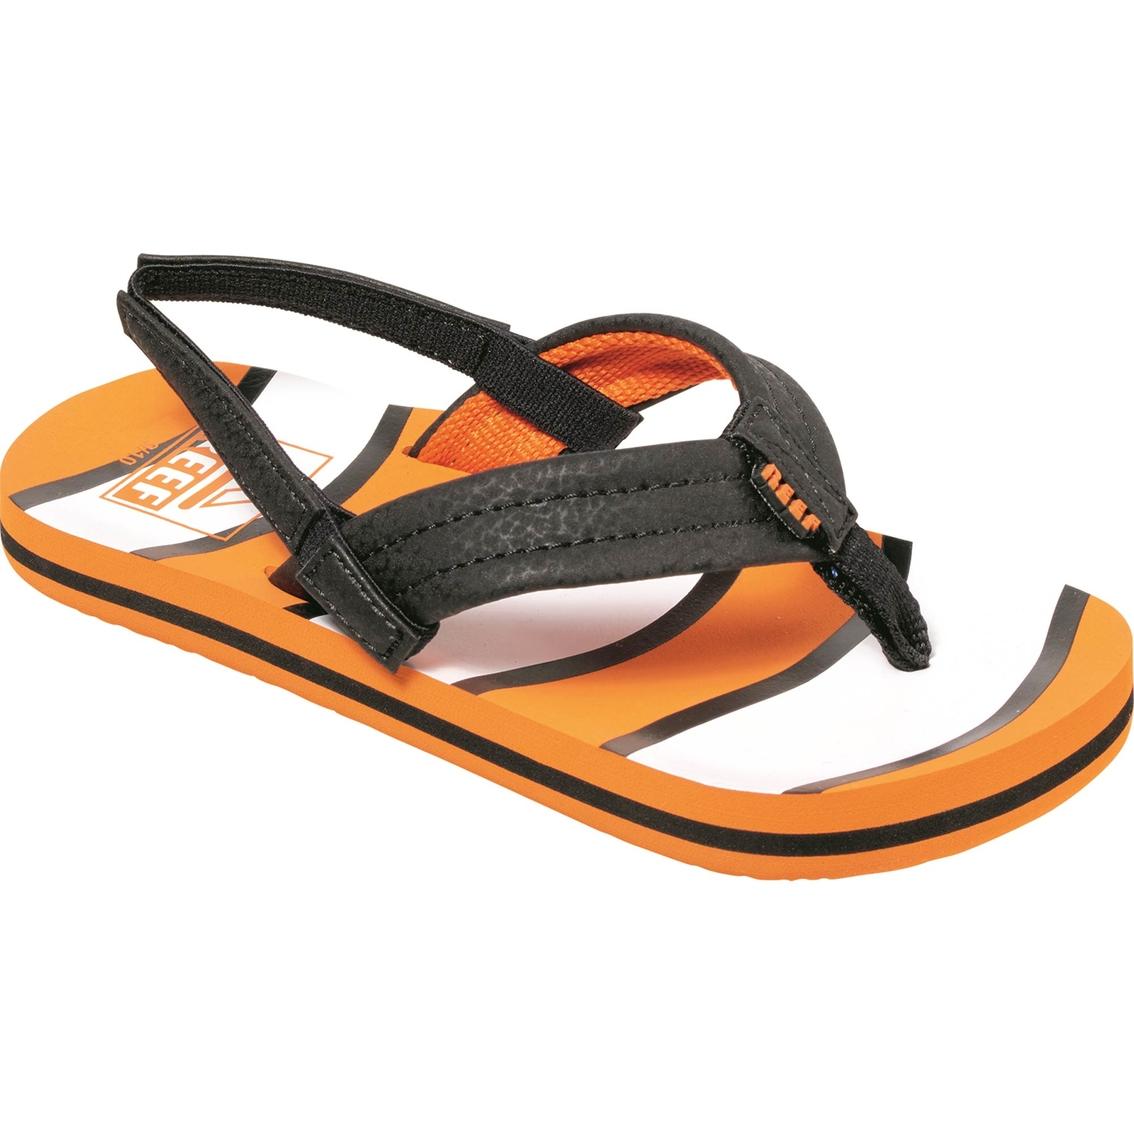 3c0a11ff4581 Reef Boys Ahi Orange Fish Sandals